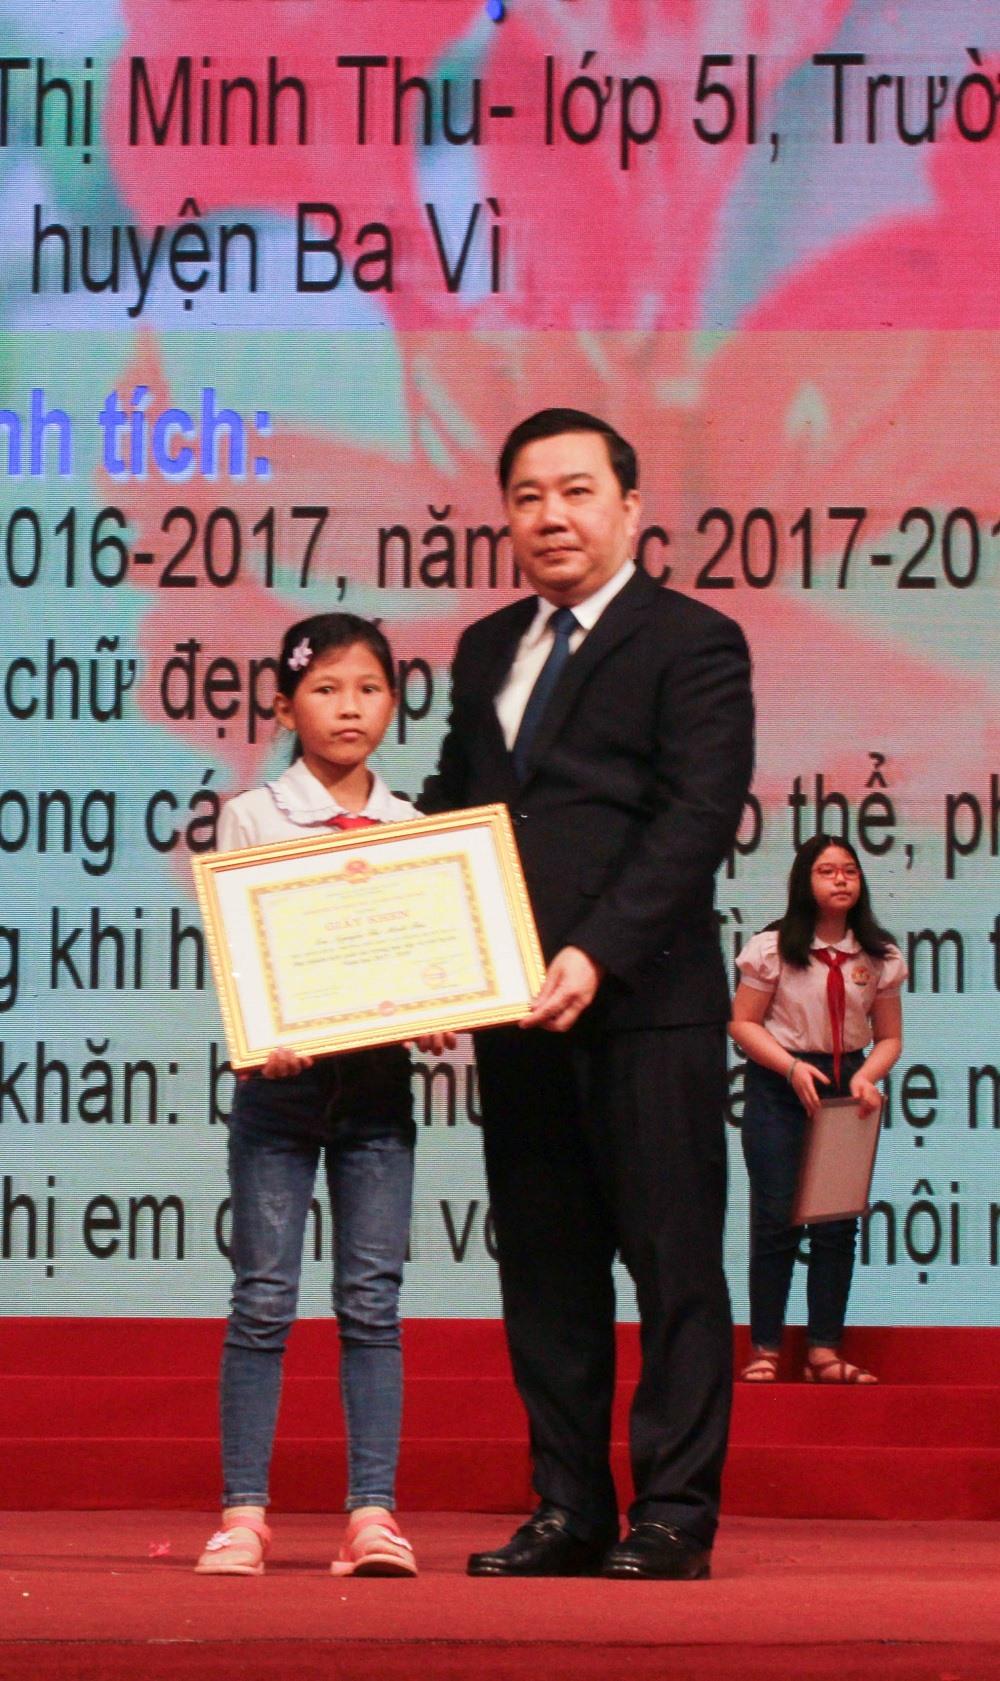 Minh Thu được Giám đốc Sở GD&ĐT tặng bằng khen. Ảnh: KIM